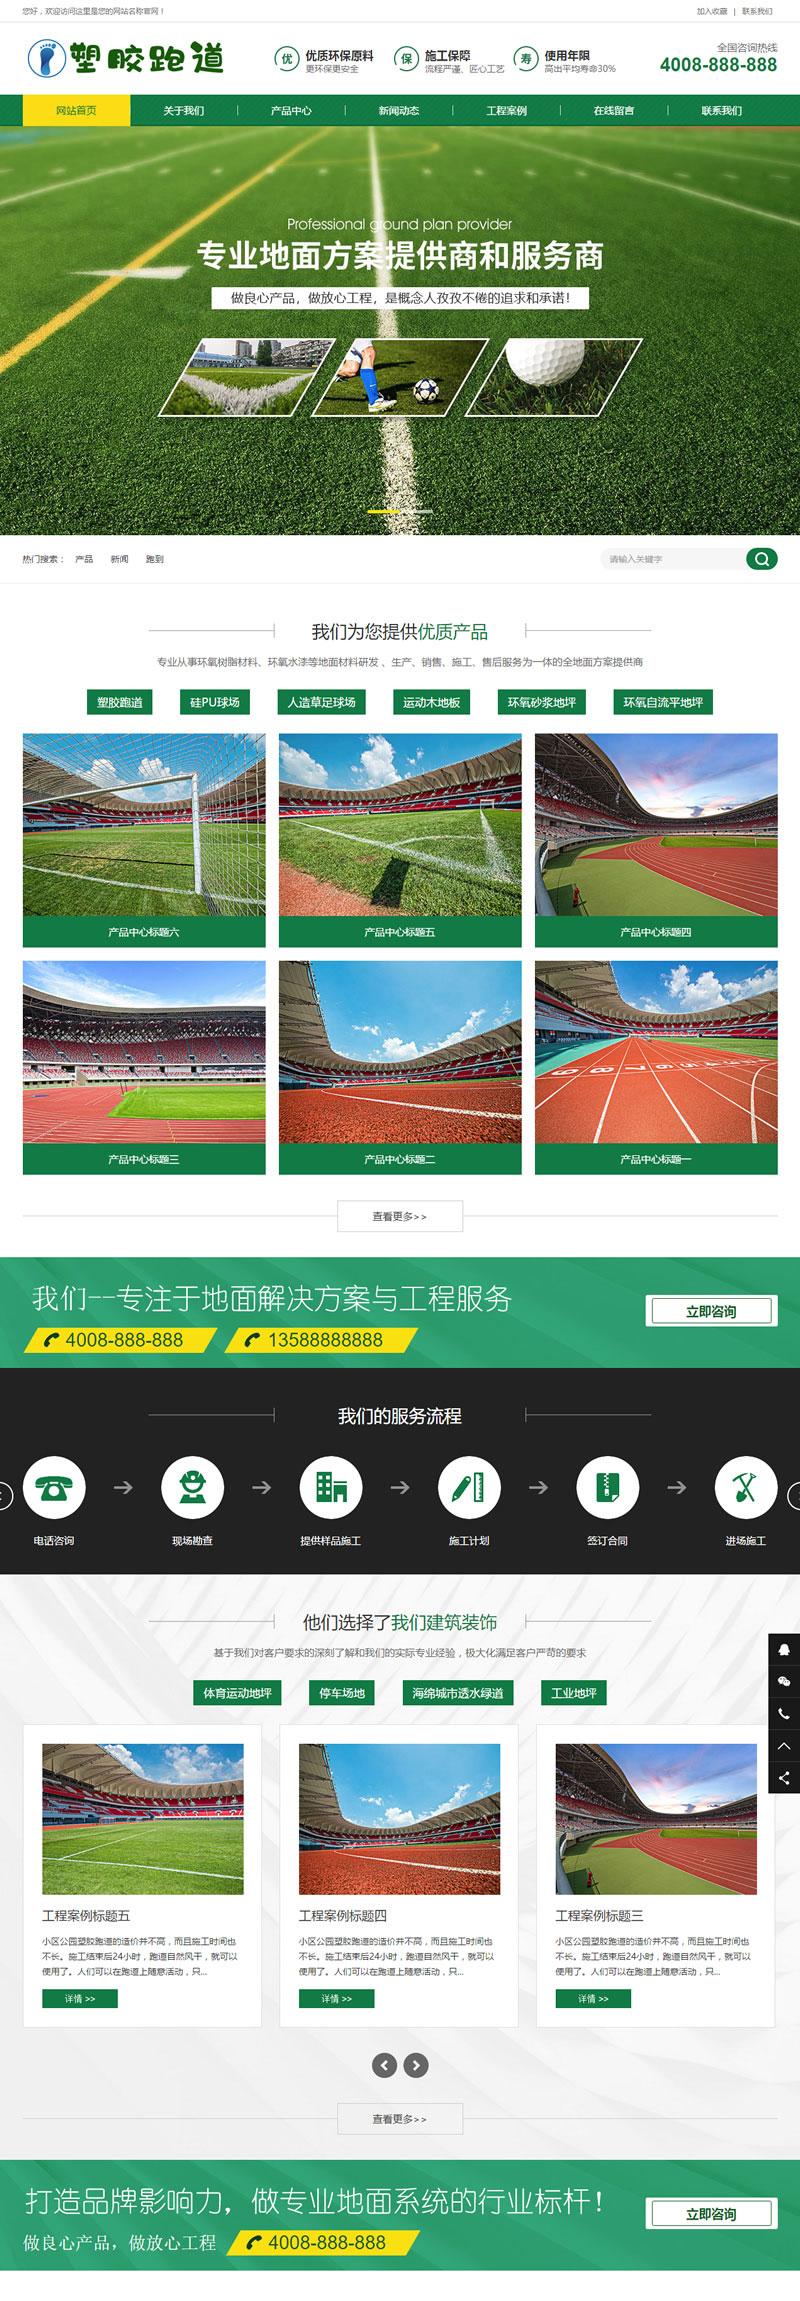 织梦dedecms体育场地塑胶跑道塑胶材料企业网站模板(带手机移动端)